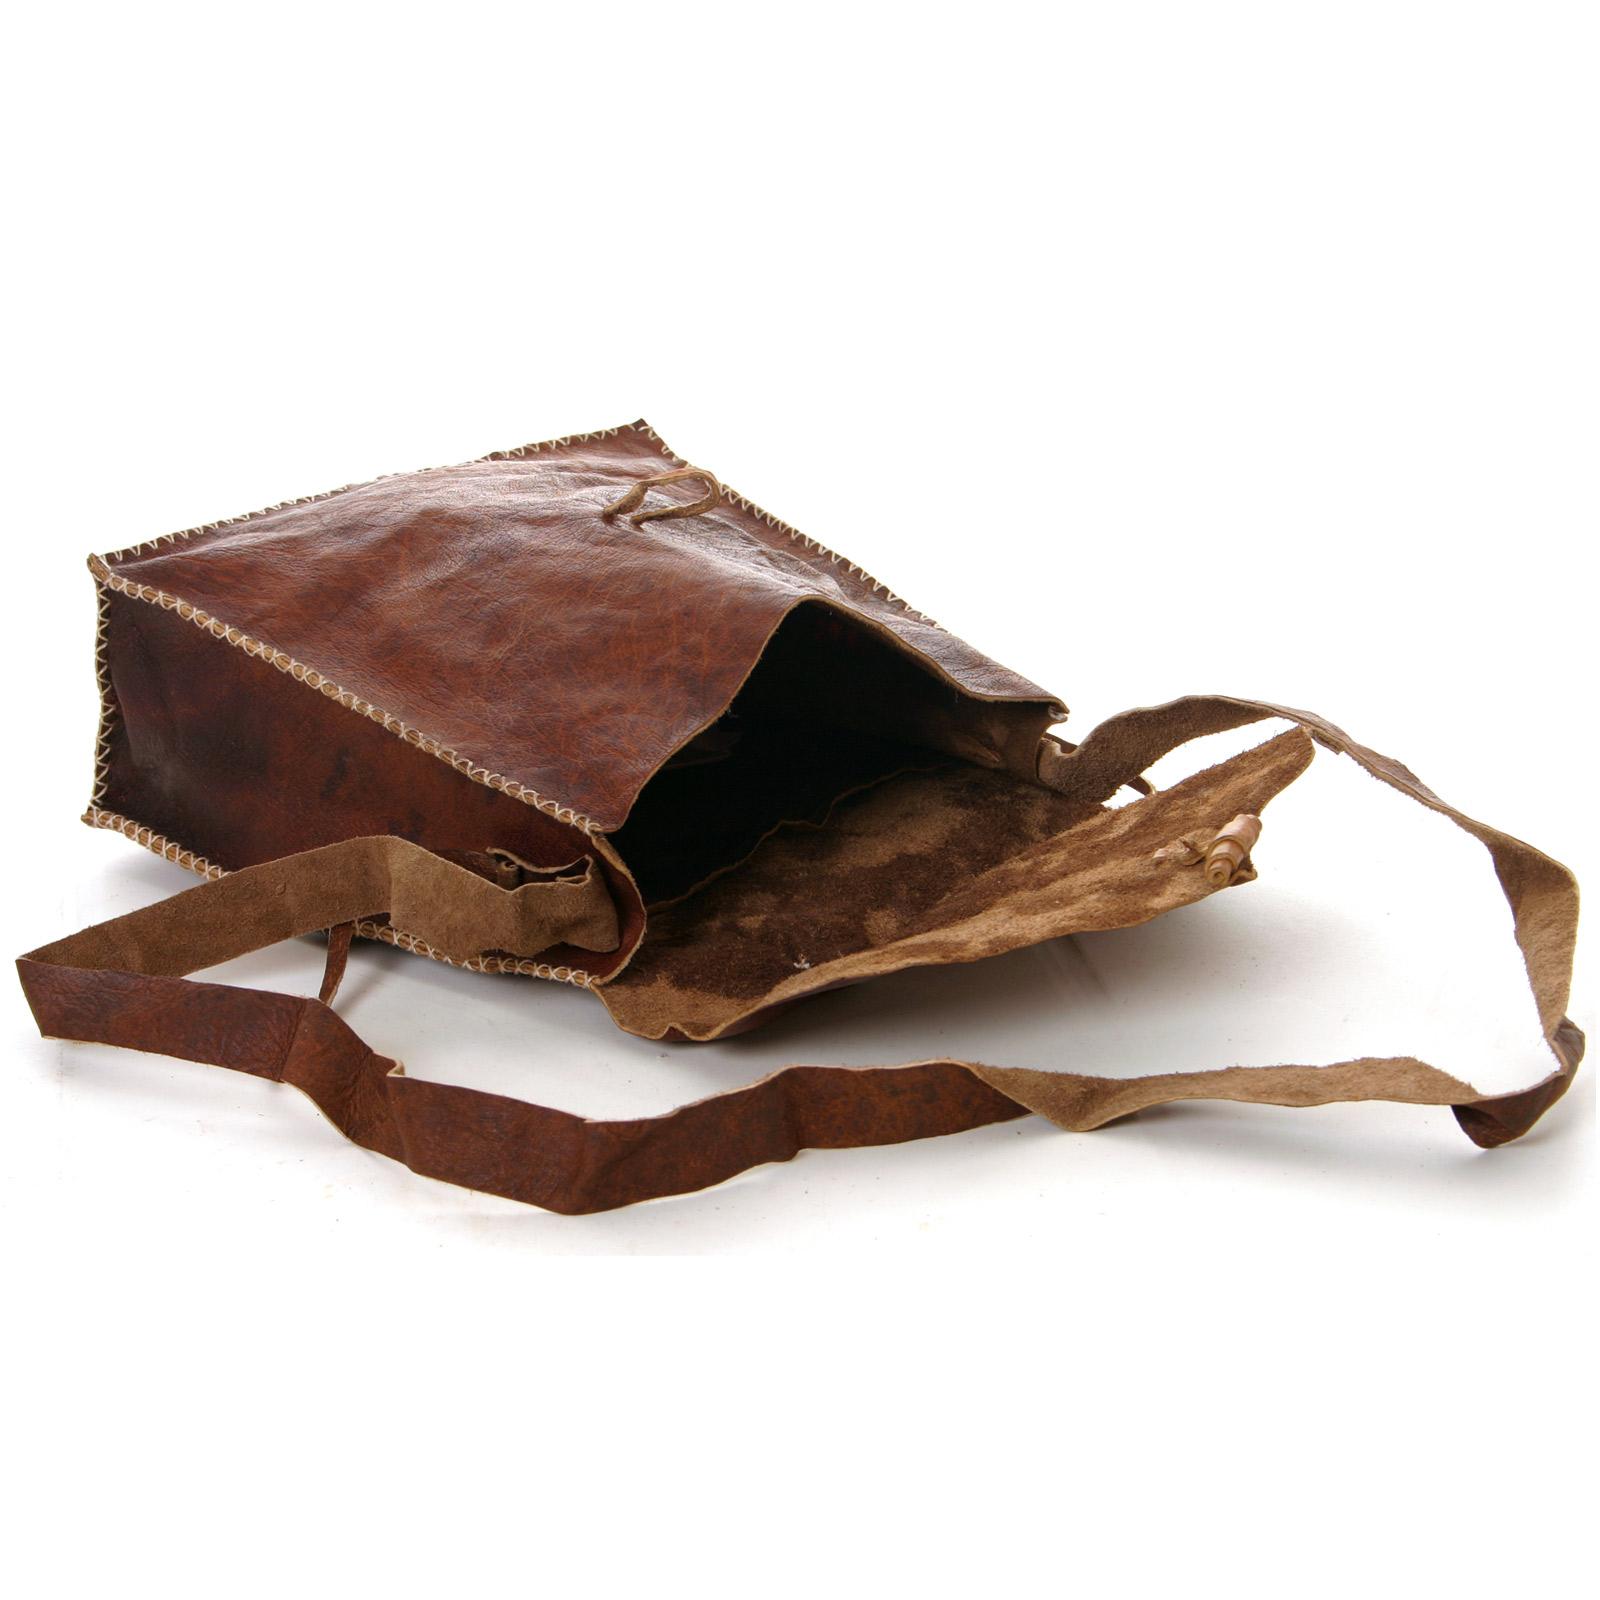 vishes leder tasche umh ngetasche mittelalter messenger leather bag herren ebay. Black Bedroom Furniture Sets. Home Design Ideas